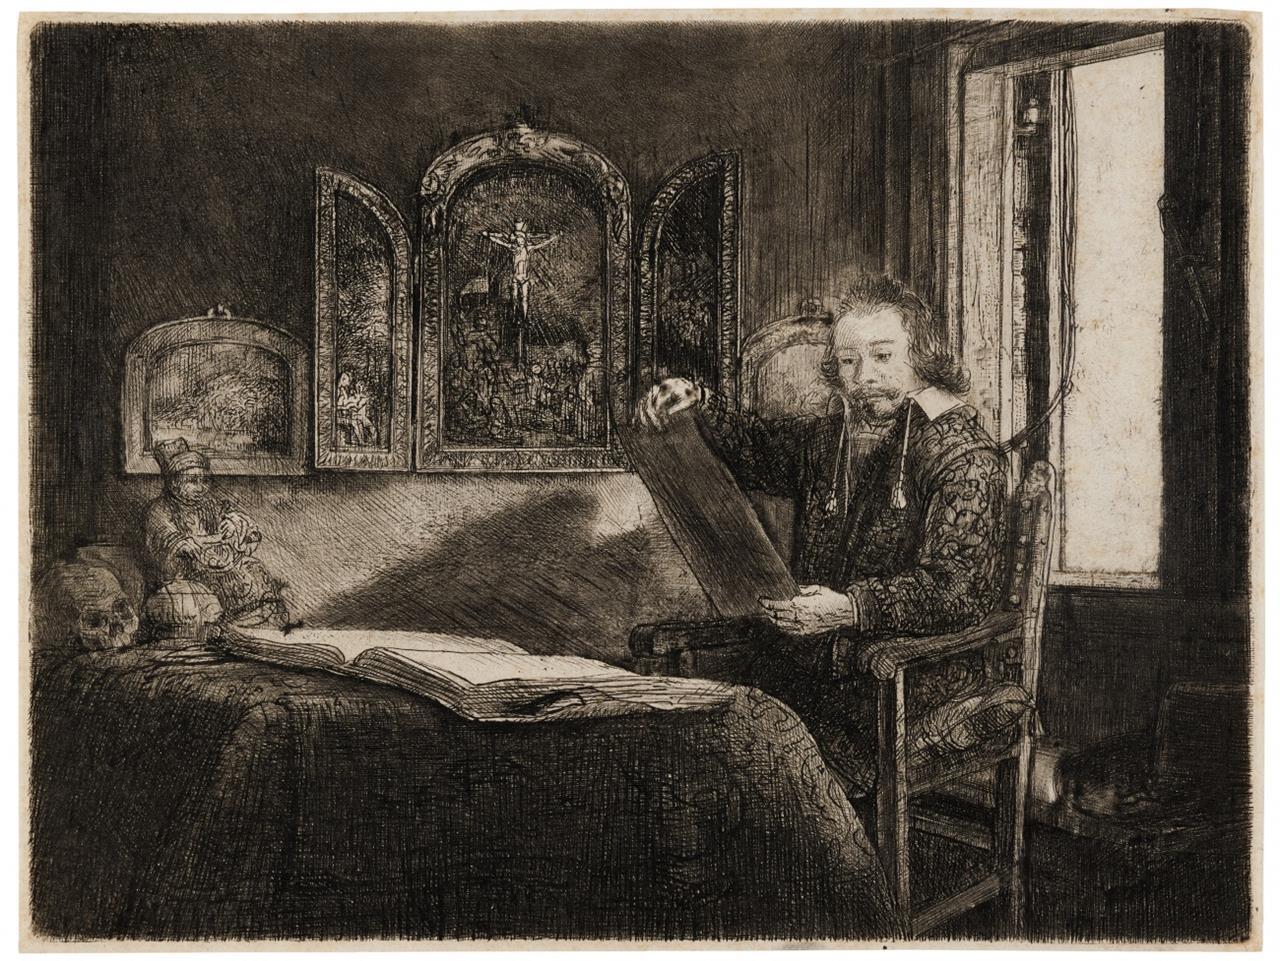 Rembrandt. Abraham Francen. Um 1657. Radierung. NH 301 X (von XII), B. 273.